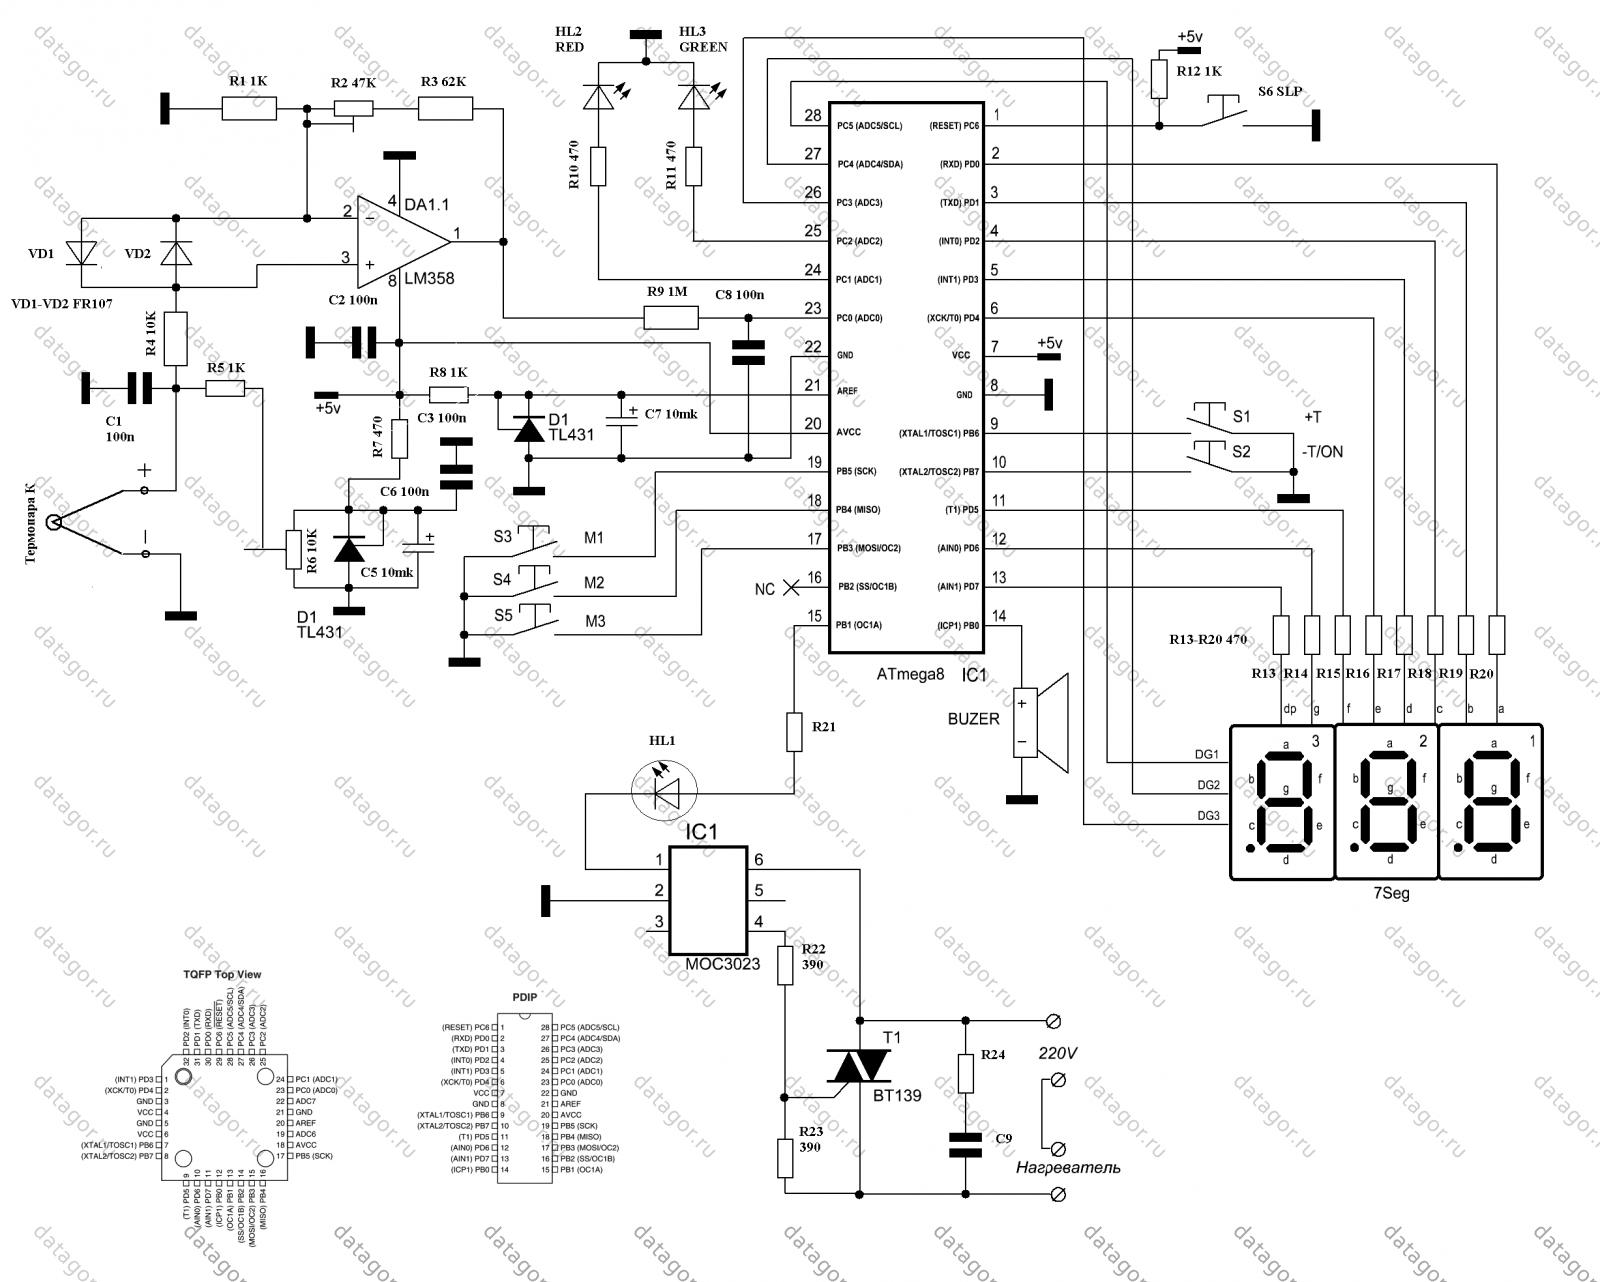 Схема паяльного фена на pic